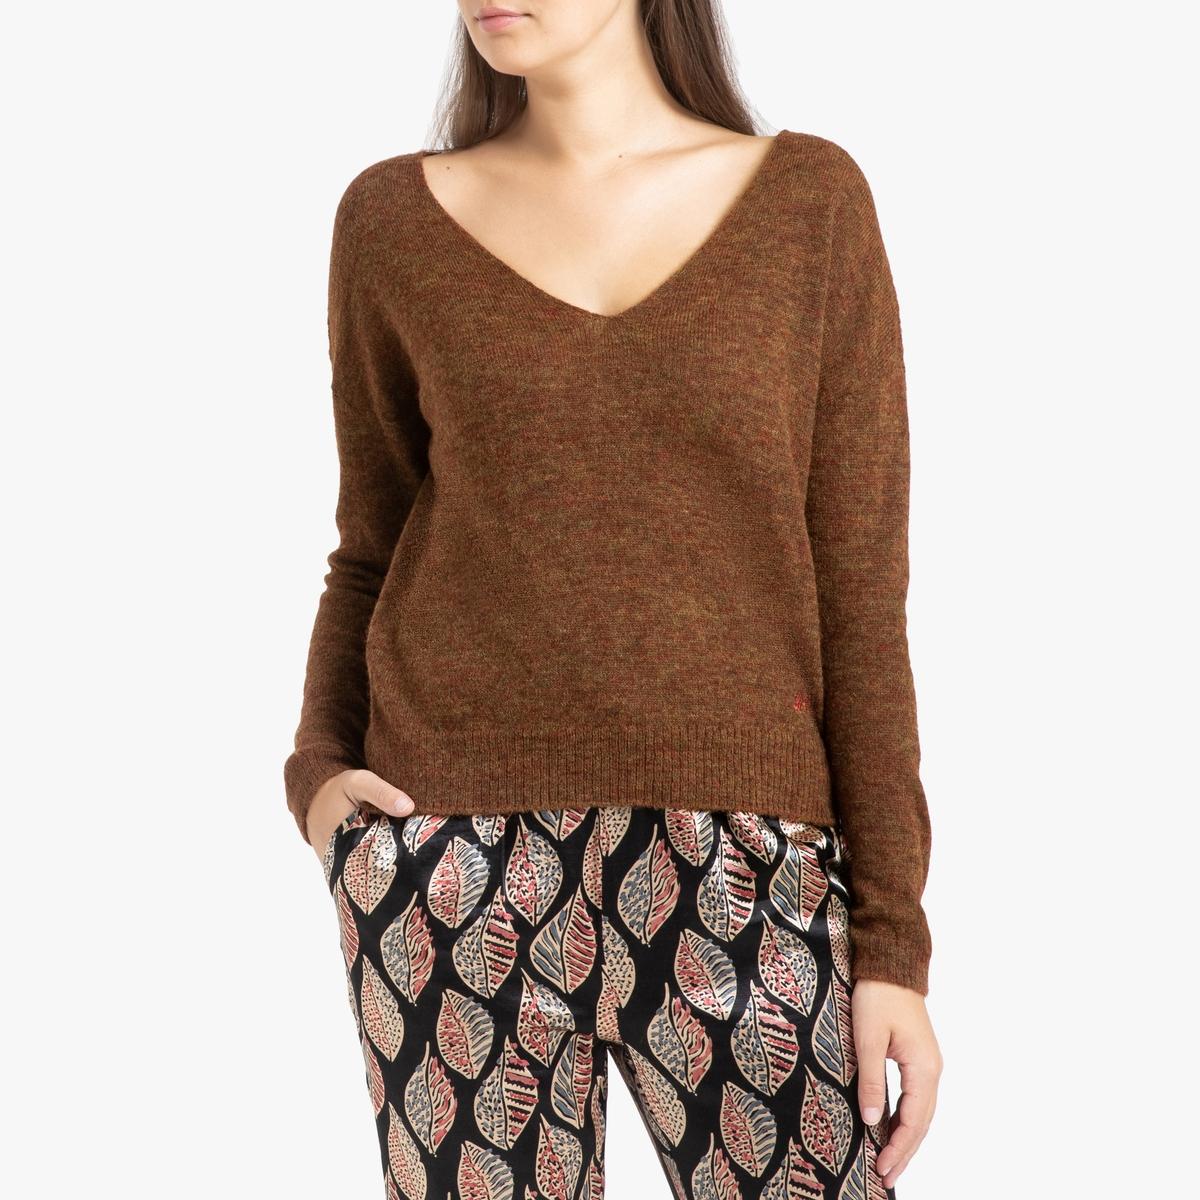 цена Пуловер La Redoute С V-образным вырезом из тонкого трикотажа NOPALES M желтый онлайн в 2017 году